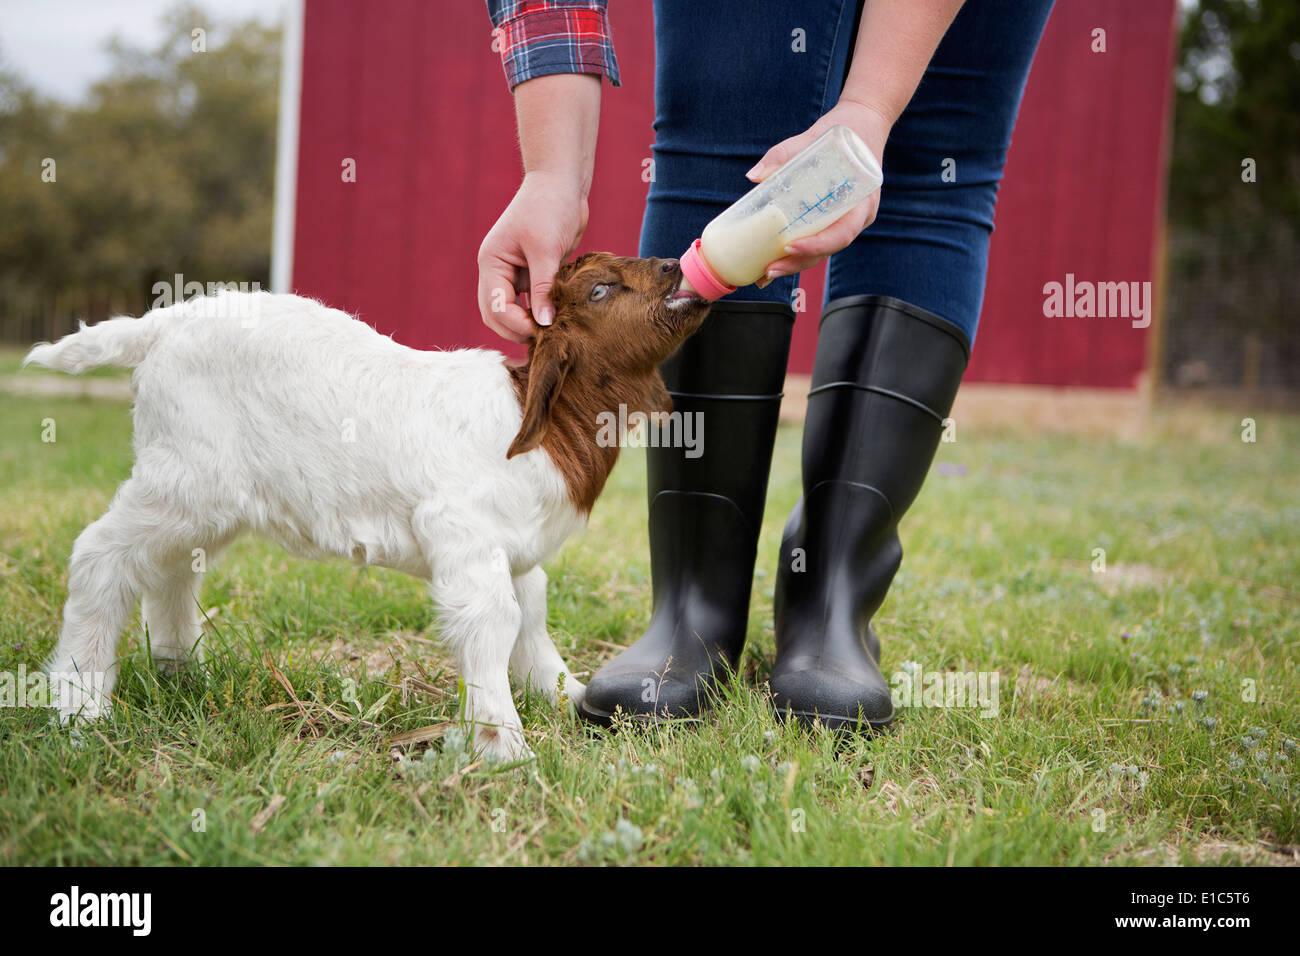 Une fille biberon un bébé chèvre. Photo Stock